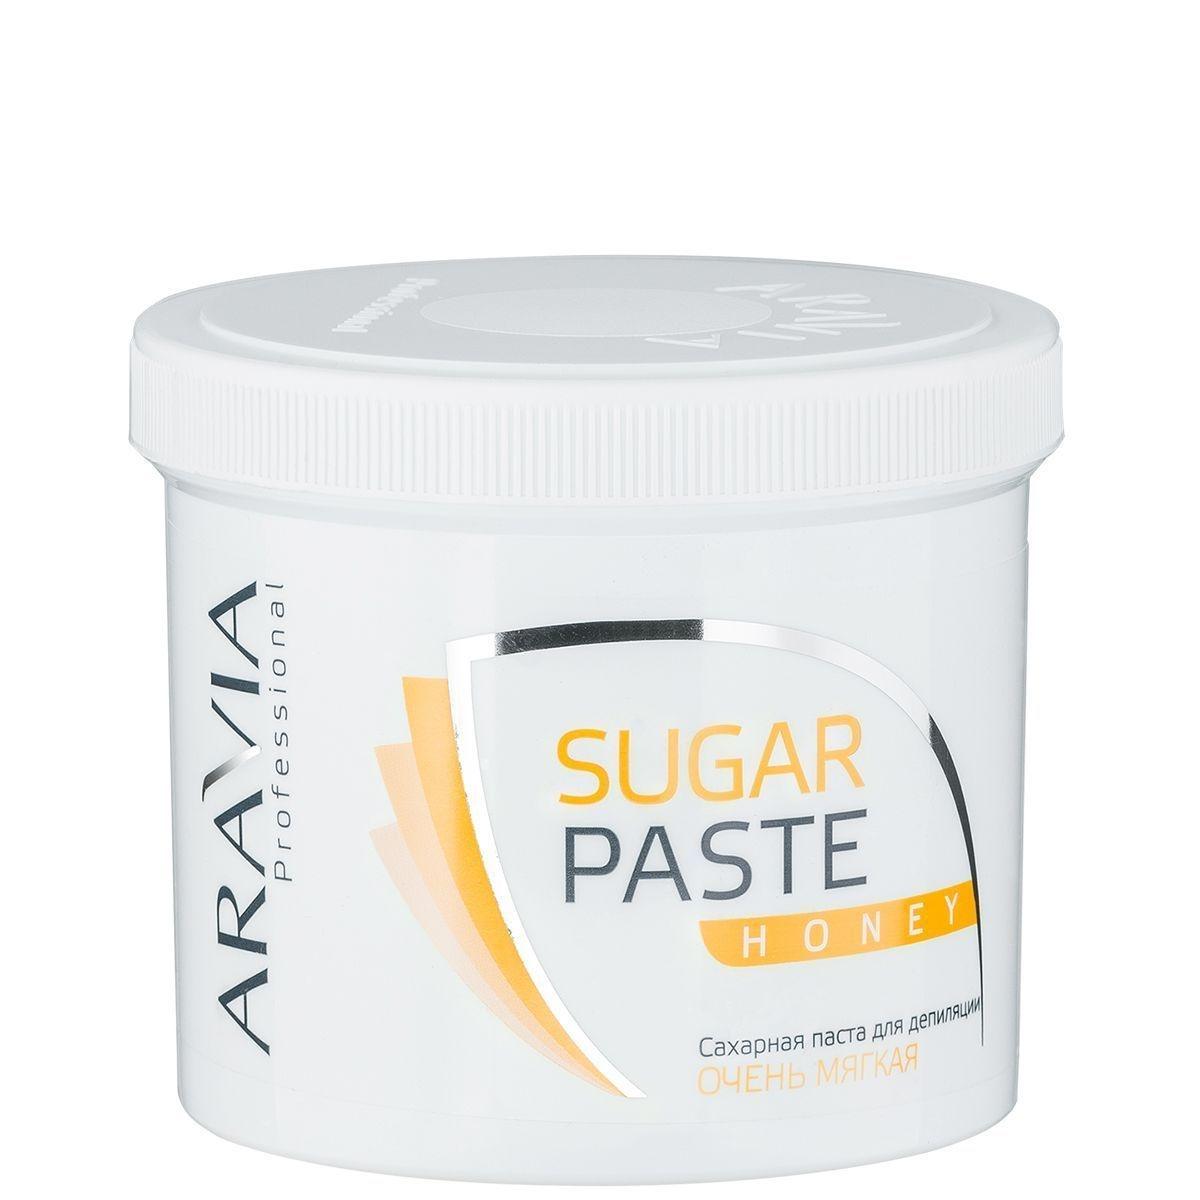 ARAVIA Паста  Sugar Paste Сахарная для Депиляции Медовая Очень Мягкой Консистенции, 750 гр